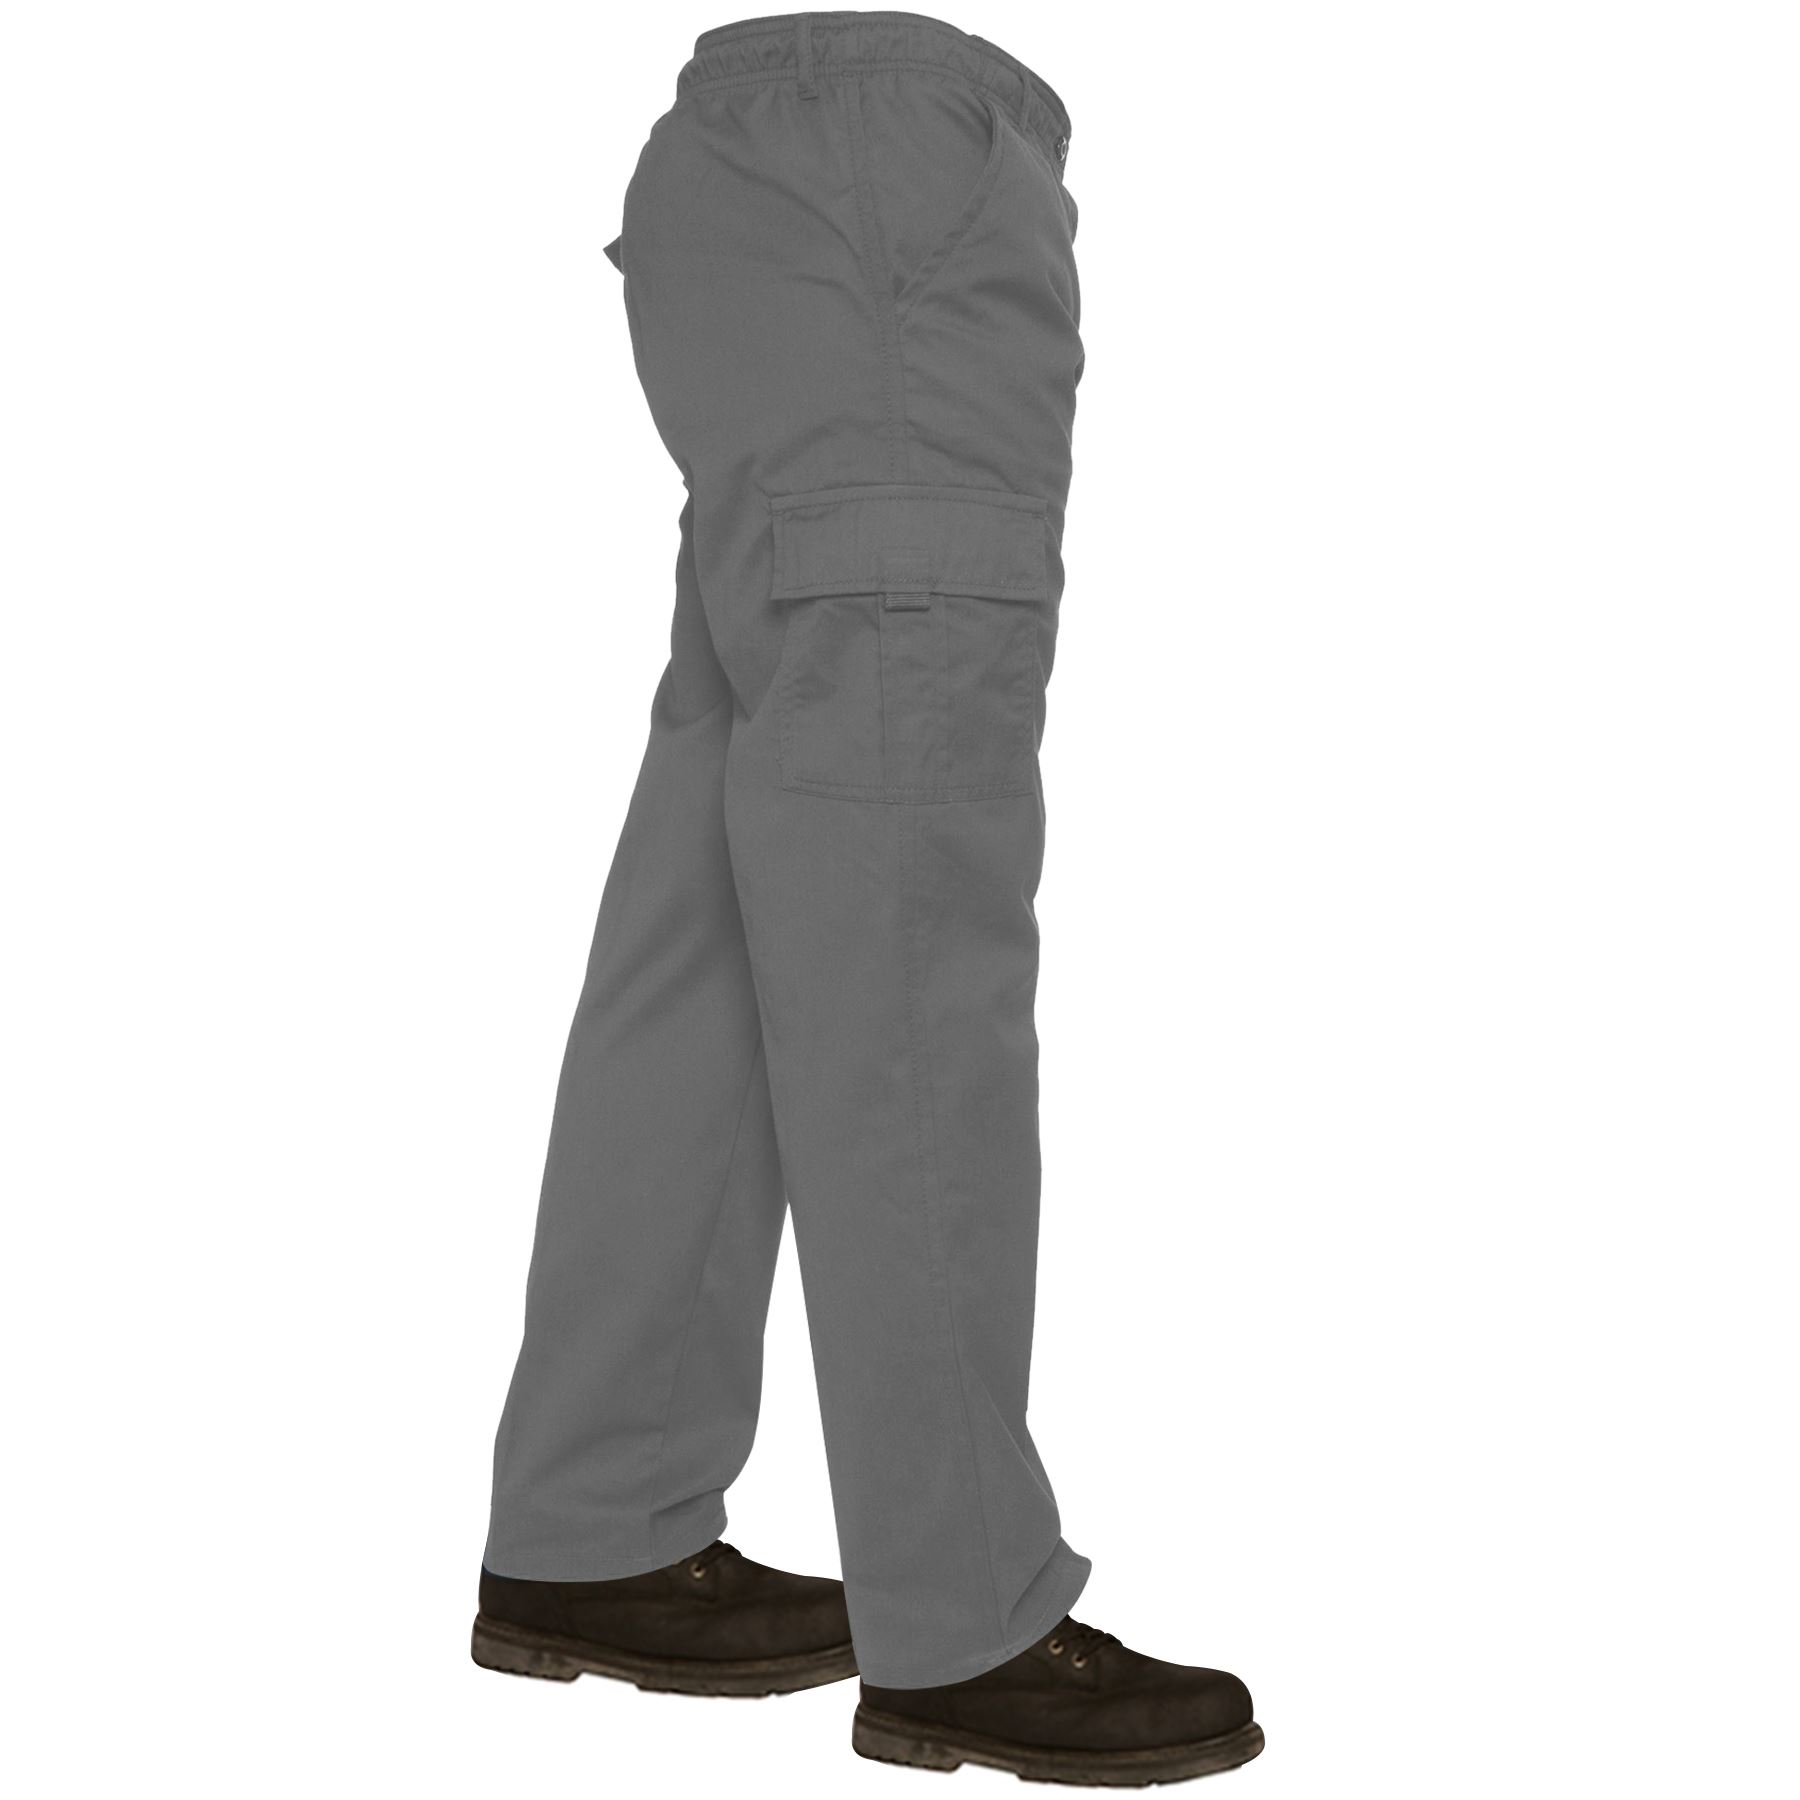 Mens-Lightweight-Elasticated-Waist-Cargo-Trousers-Combat-Work-Pants-Bottoms-New thumbnail 3